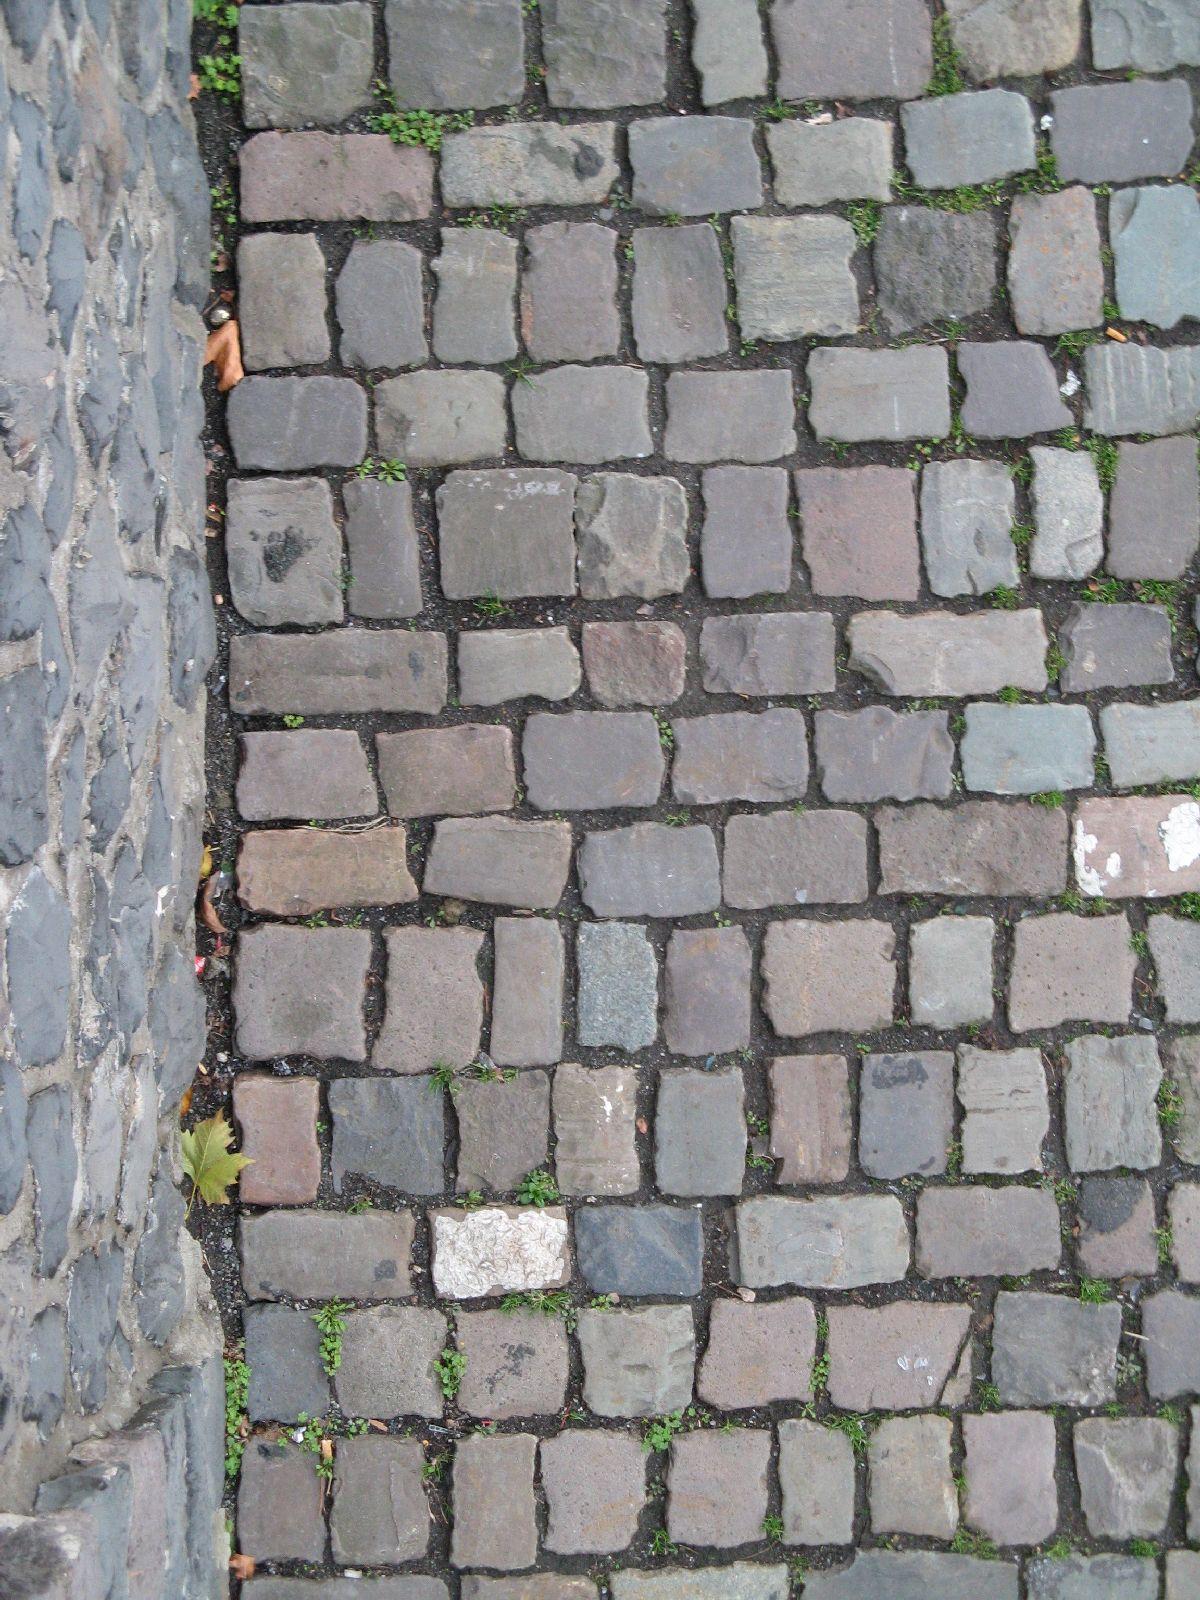 Ground-Urban_Texture_B_1129